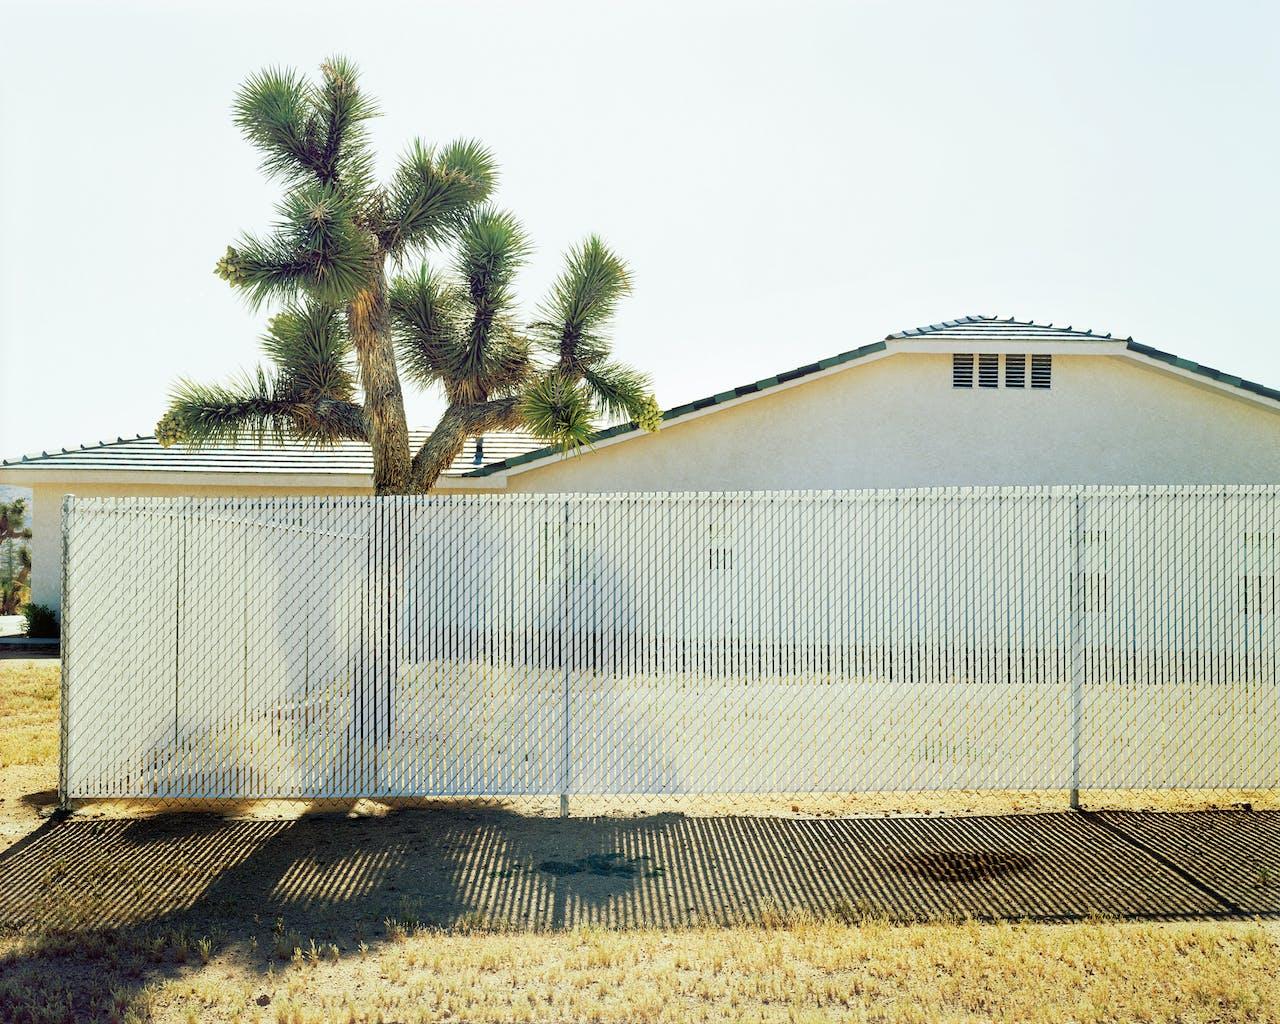 'Joshua Tree #1 (CA)', 2002. De inheemse boom dankt zijn naam aan de mormonen, die vonden dat hij lijkt op de profeet die met zijn armen naar de hemel reikt.